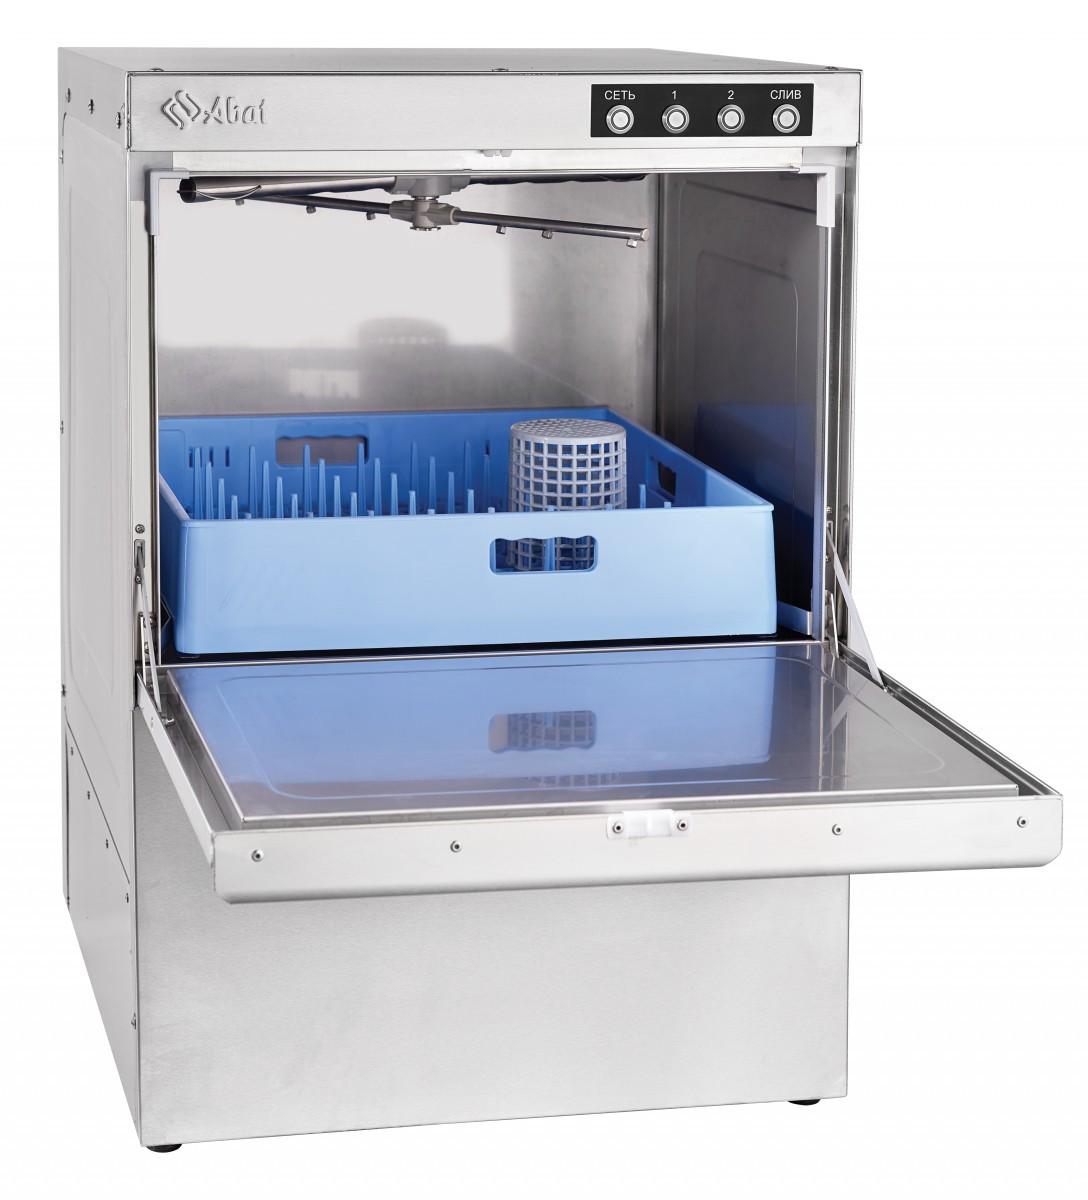 Фронтальная посудомоечная машина МПК-500Ф-01-230